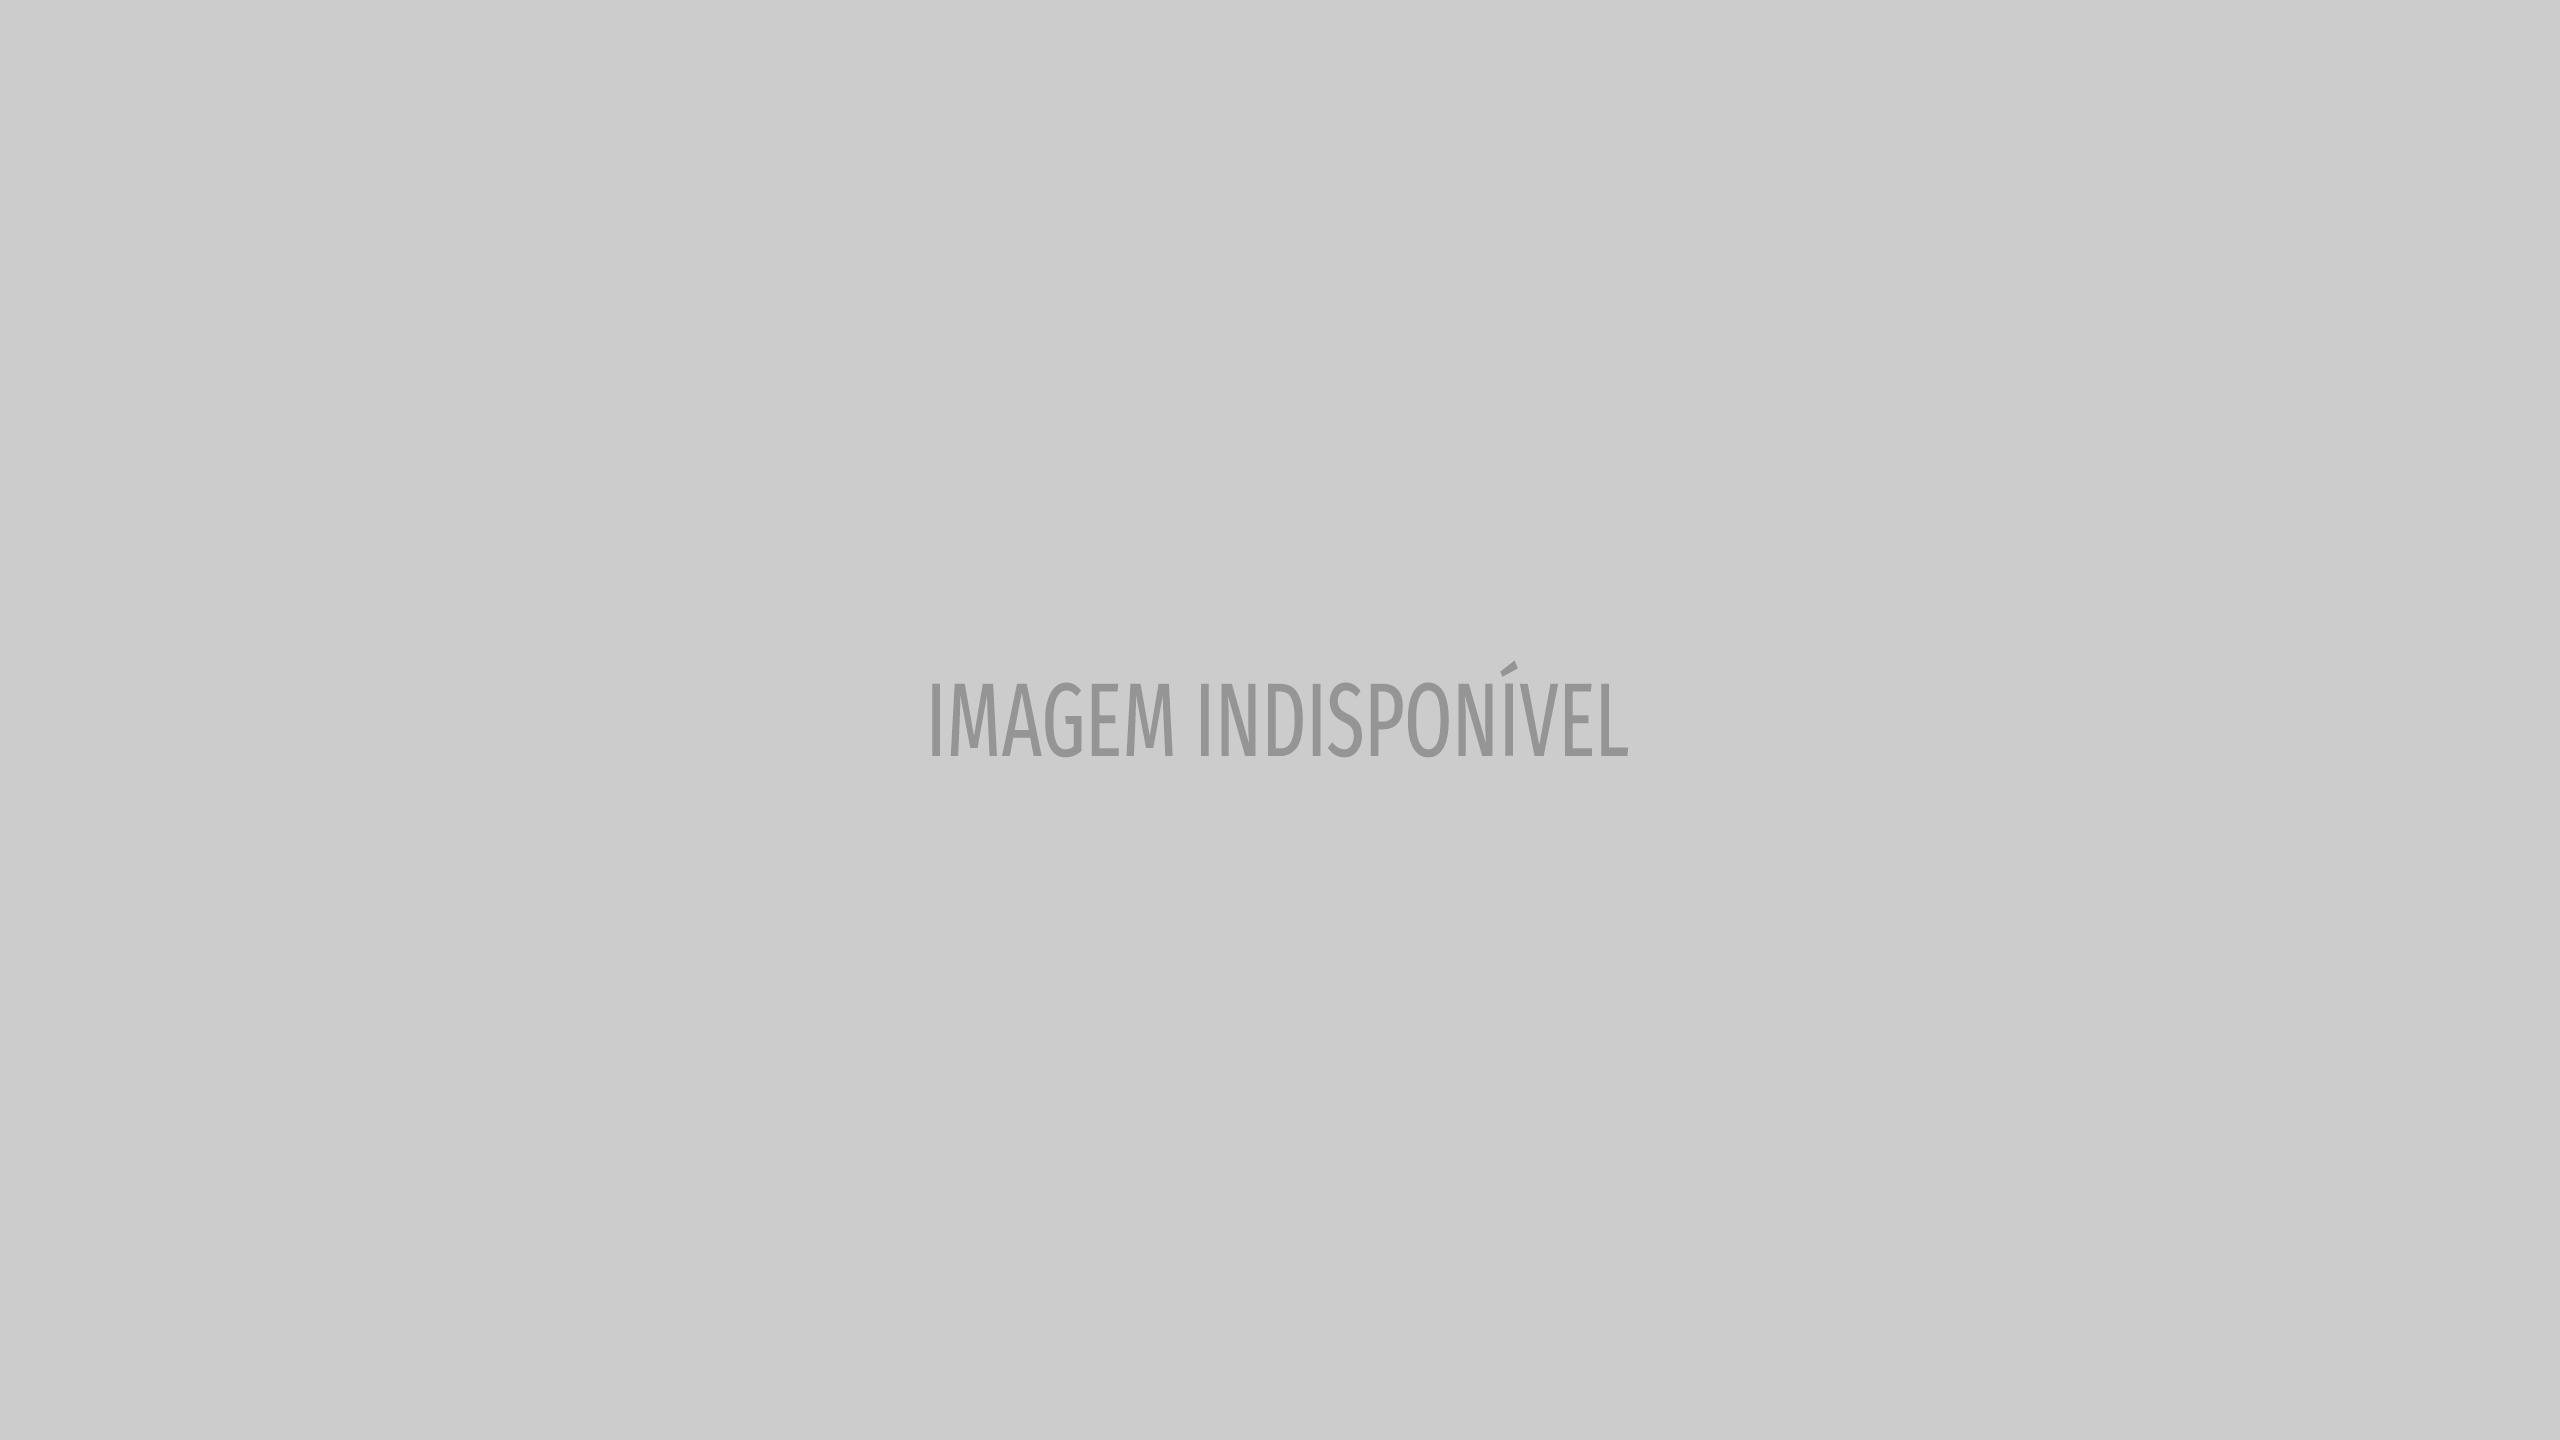 Camisas das Spice Girls são produzidas em fábrica que explora mulheres